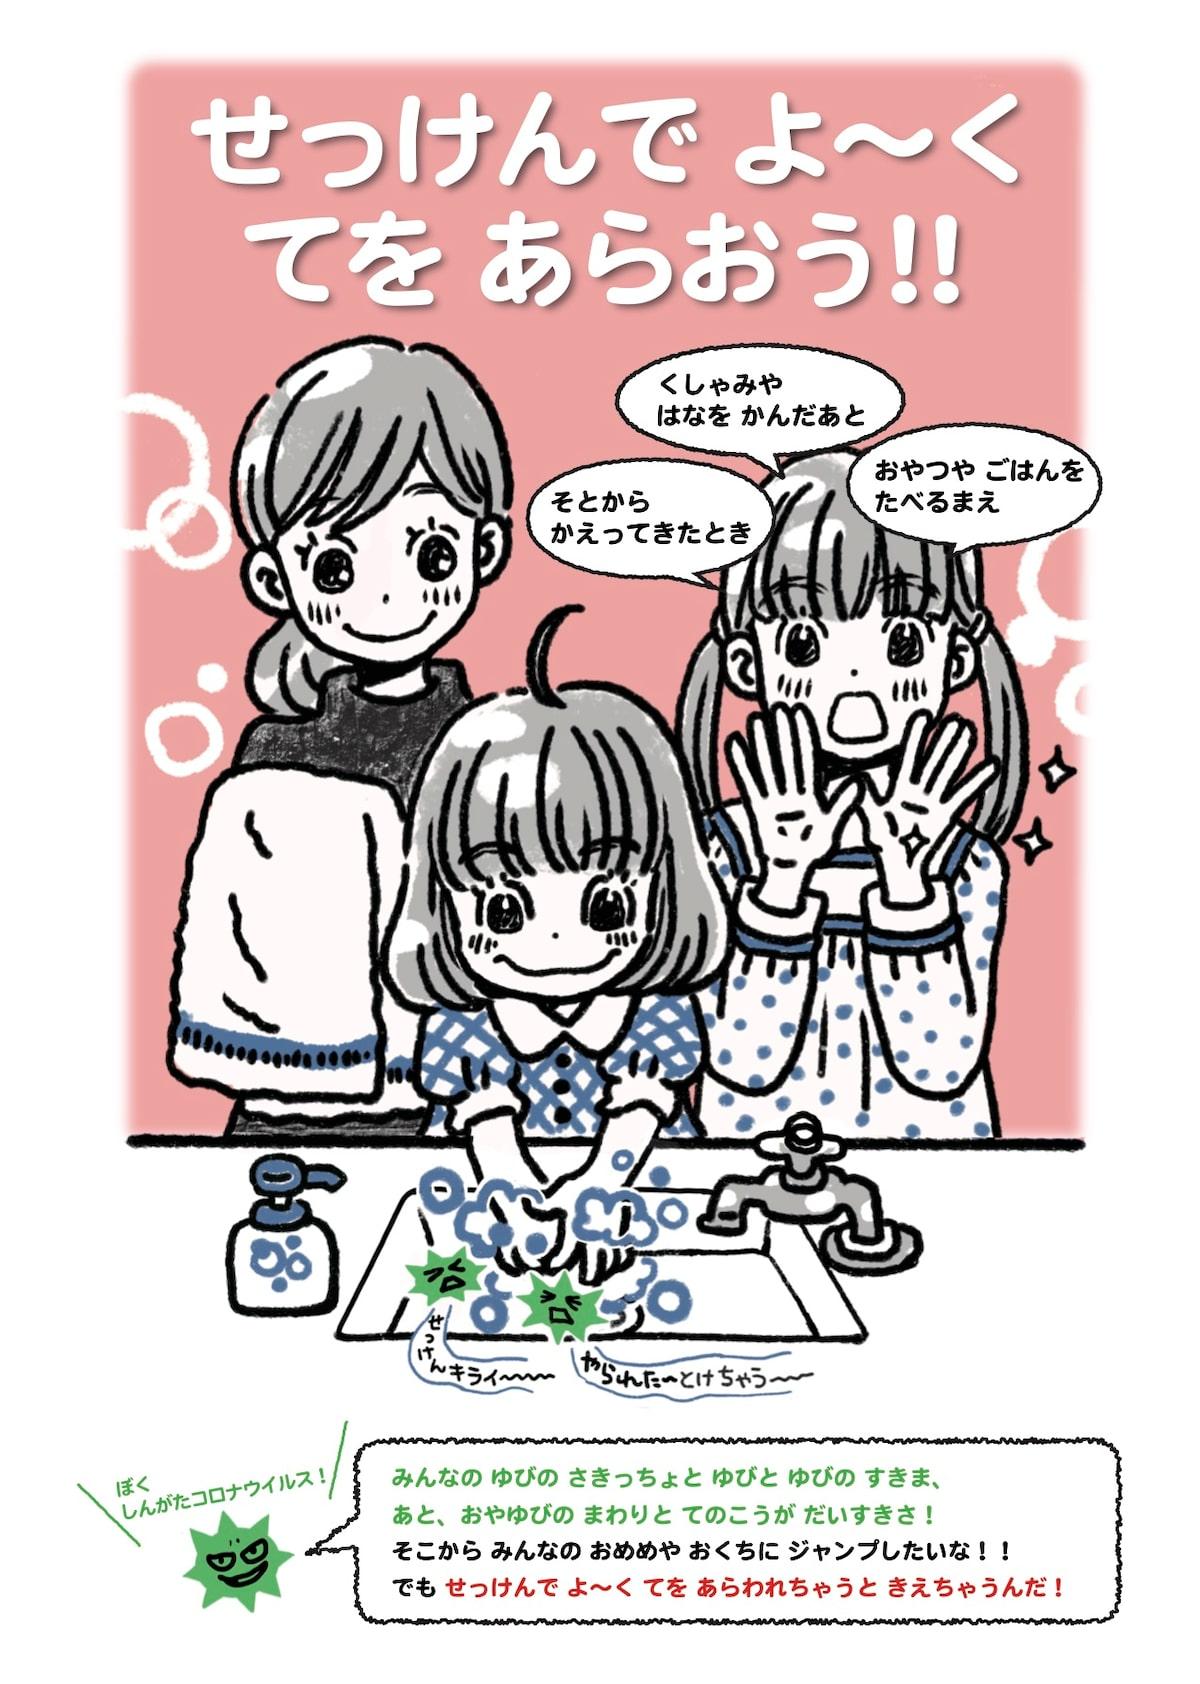 3月のライオン 川本3姉妹と一緒に手を洗おう 印刷可能なデータ公開 コメントあり コミックナタリー